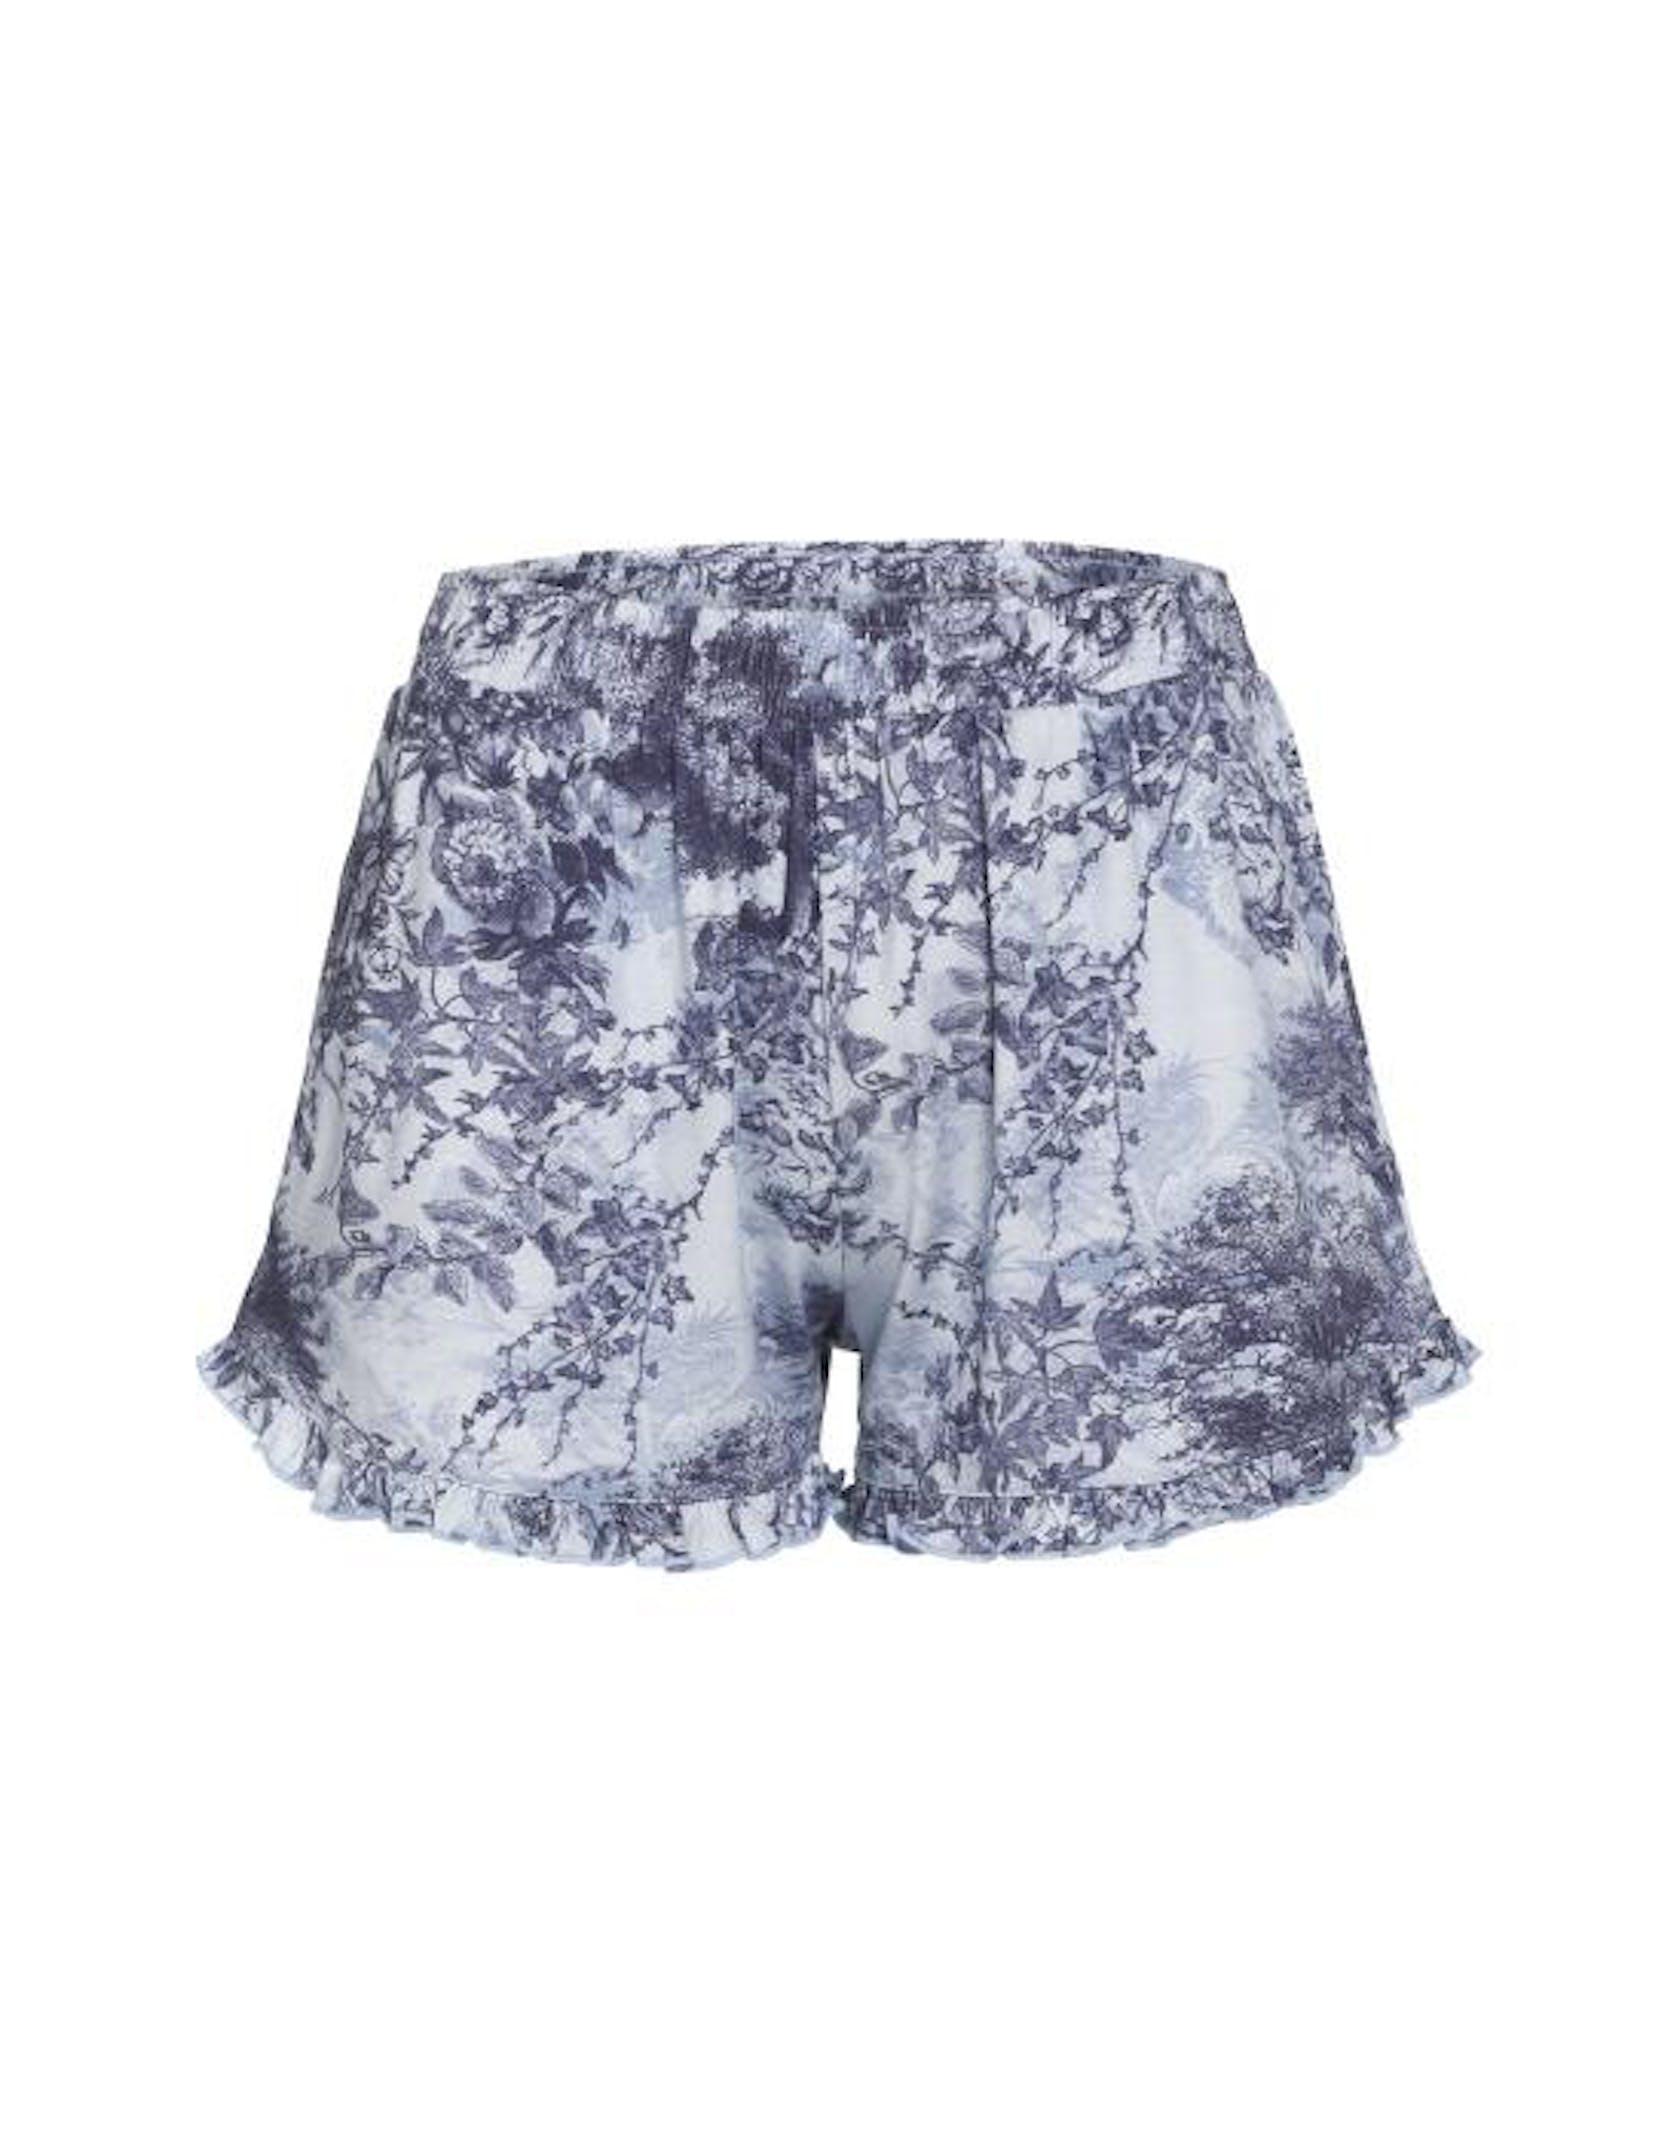 ESSENZA Xava Aurelie Iceblue Trousers short L